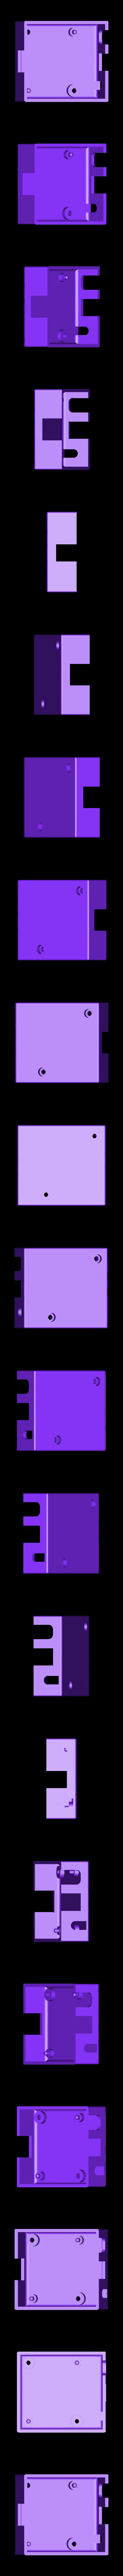 PCM2704_box_bottom.stl Télécharger fichier STL gratuit (Pi) USB et SPDIF carte son PCM2704 boîte • Plan imprimable en 3D, mschiller